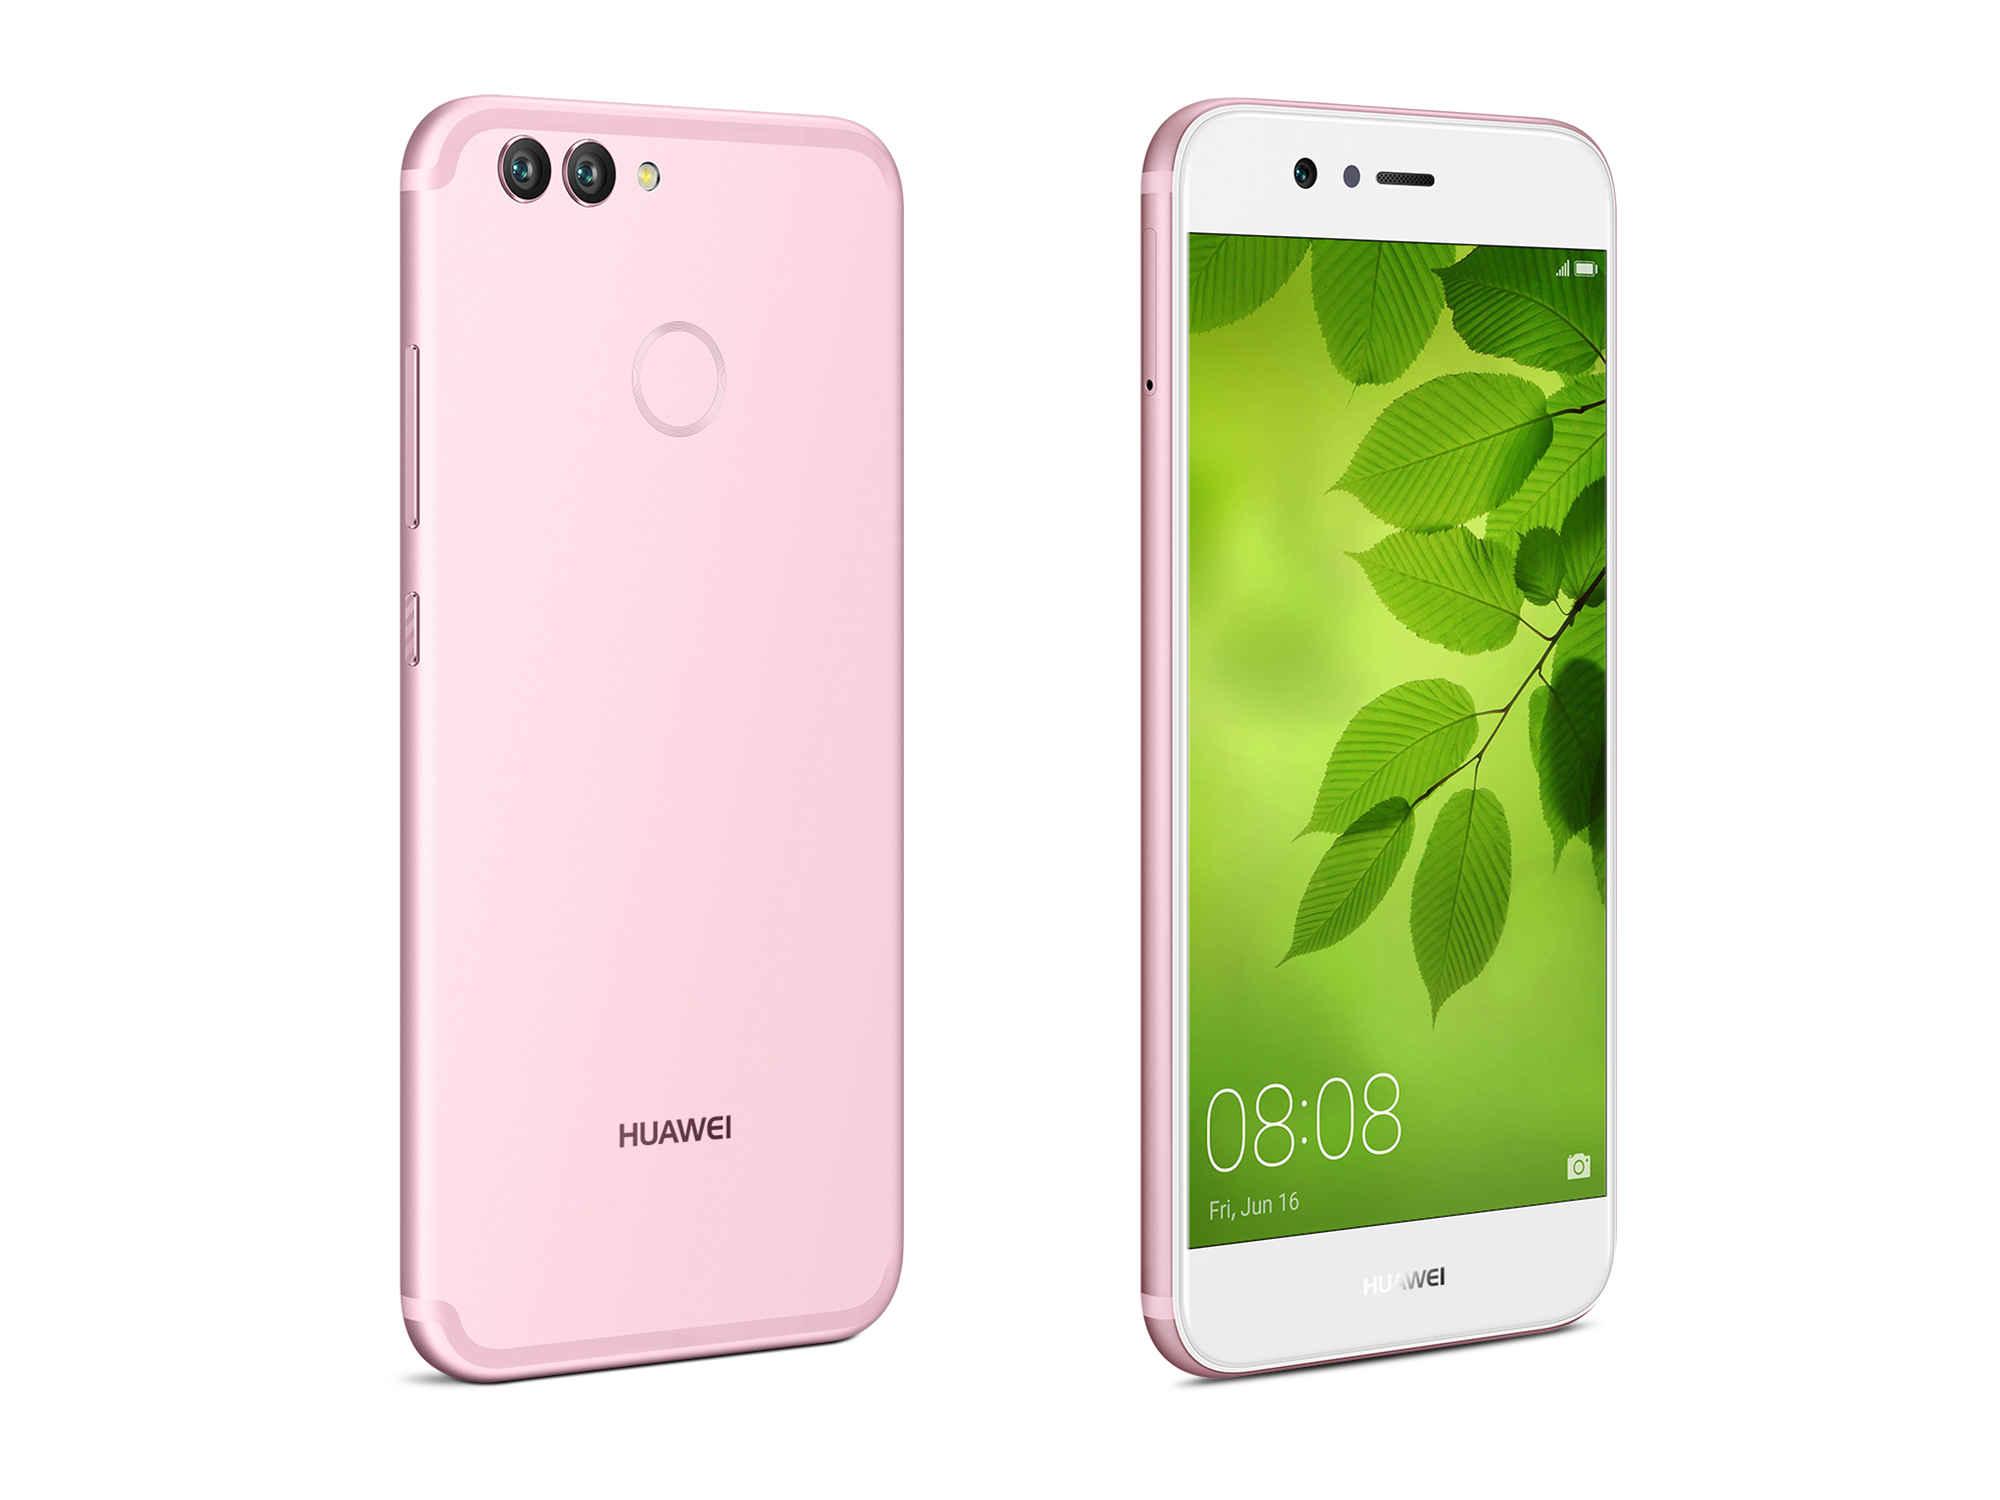 Huawei: Llega a Perú el Huawei P10 Selfie en color rosa   :B10Geek